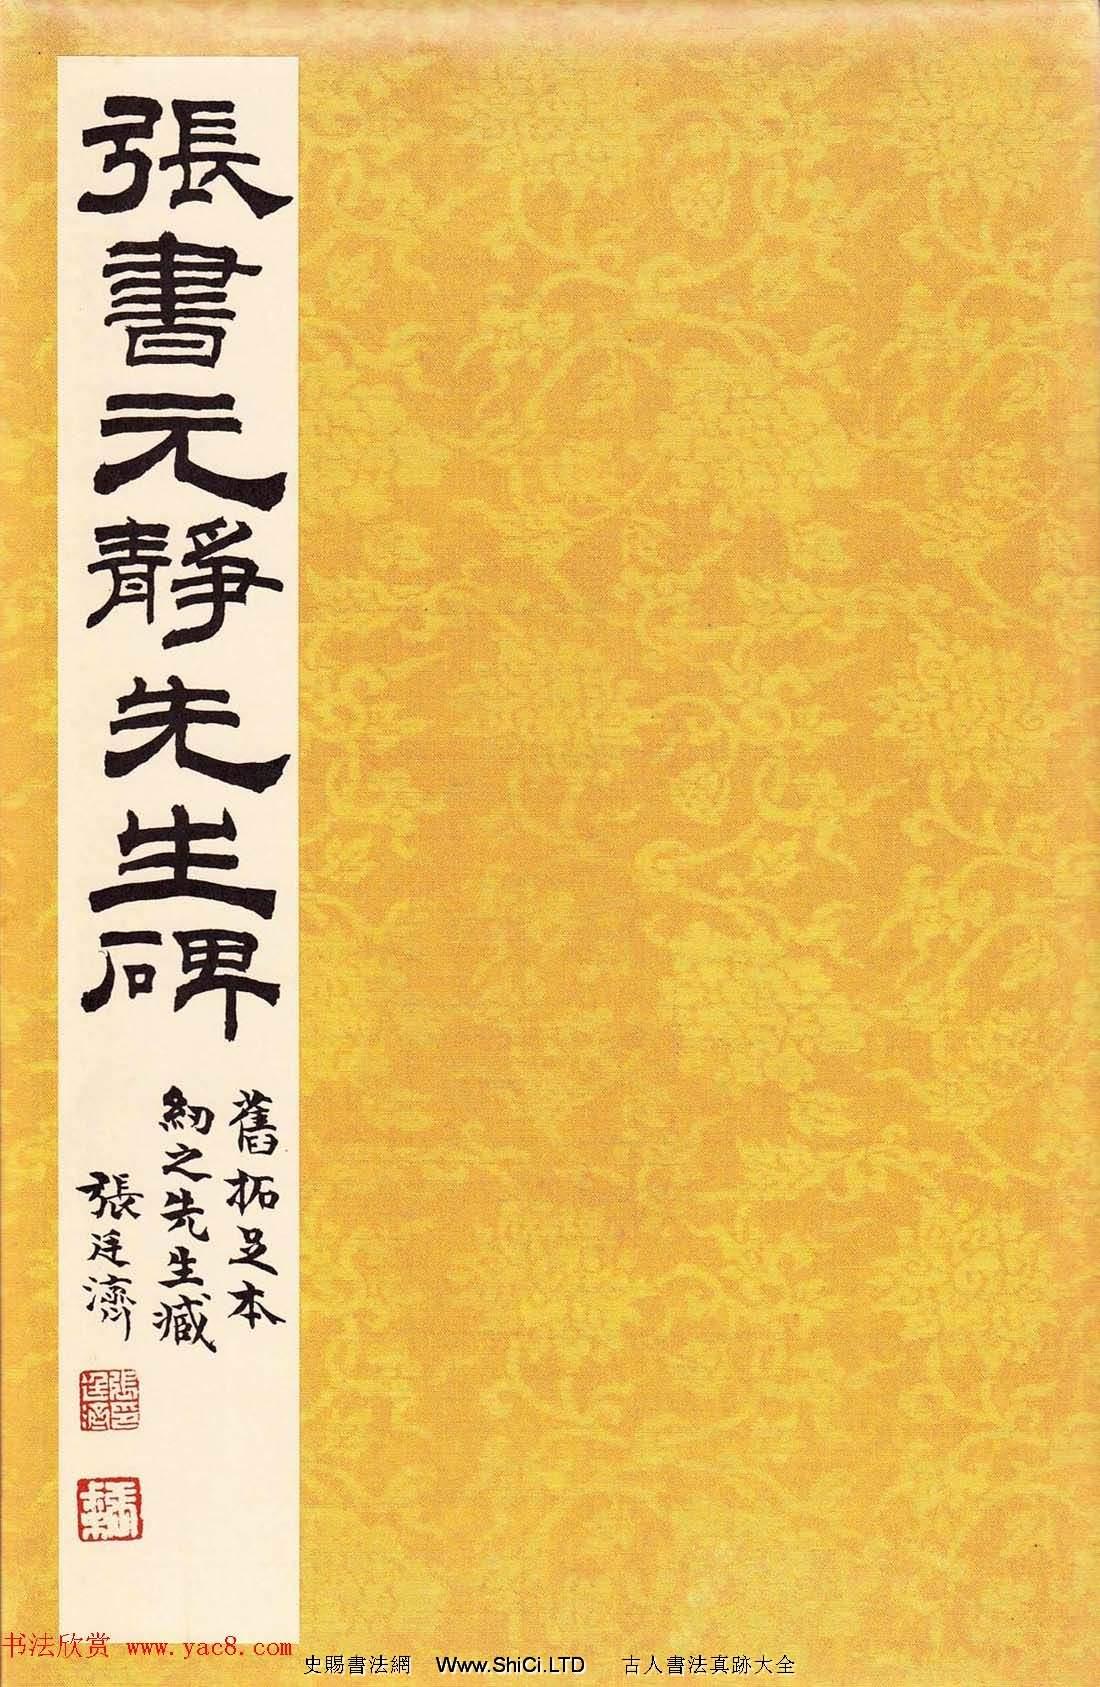 唐代張從申書法真跡欣賞《李玄靜碑》原色法帖(共39張圖片)